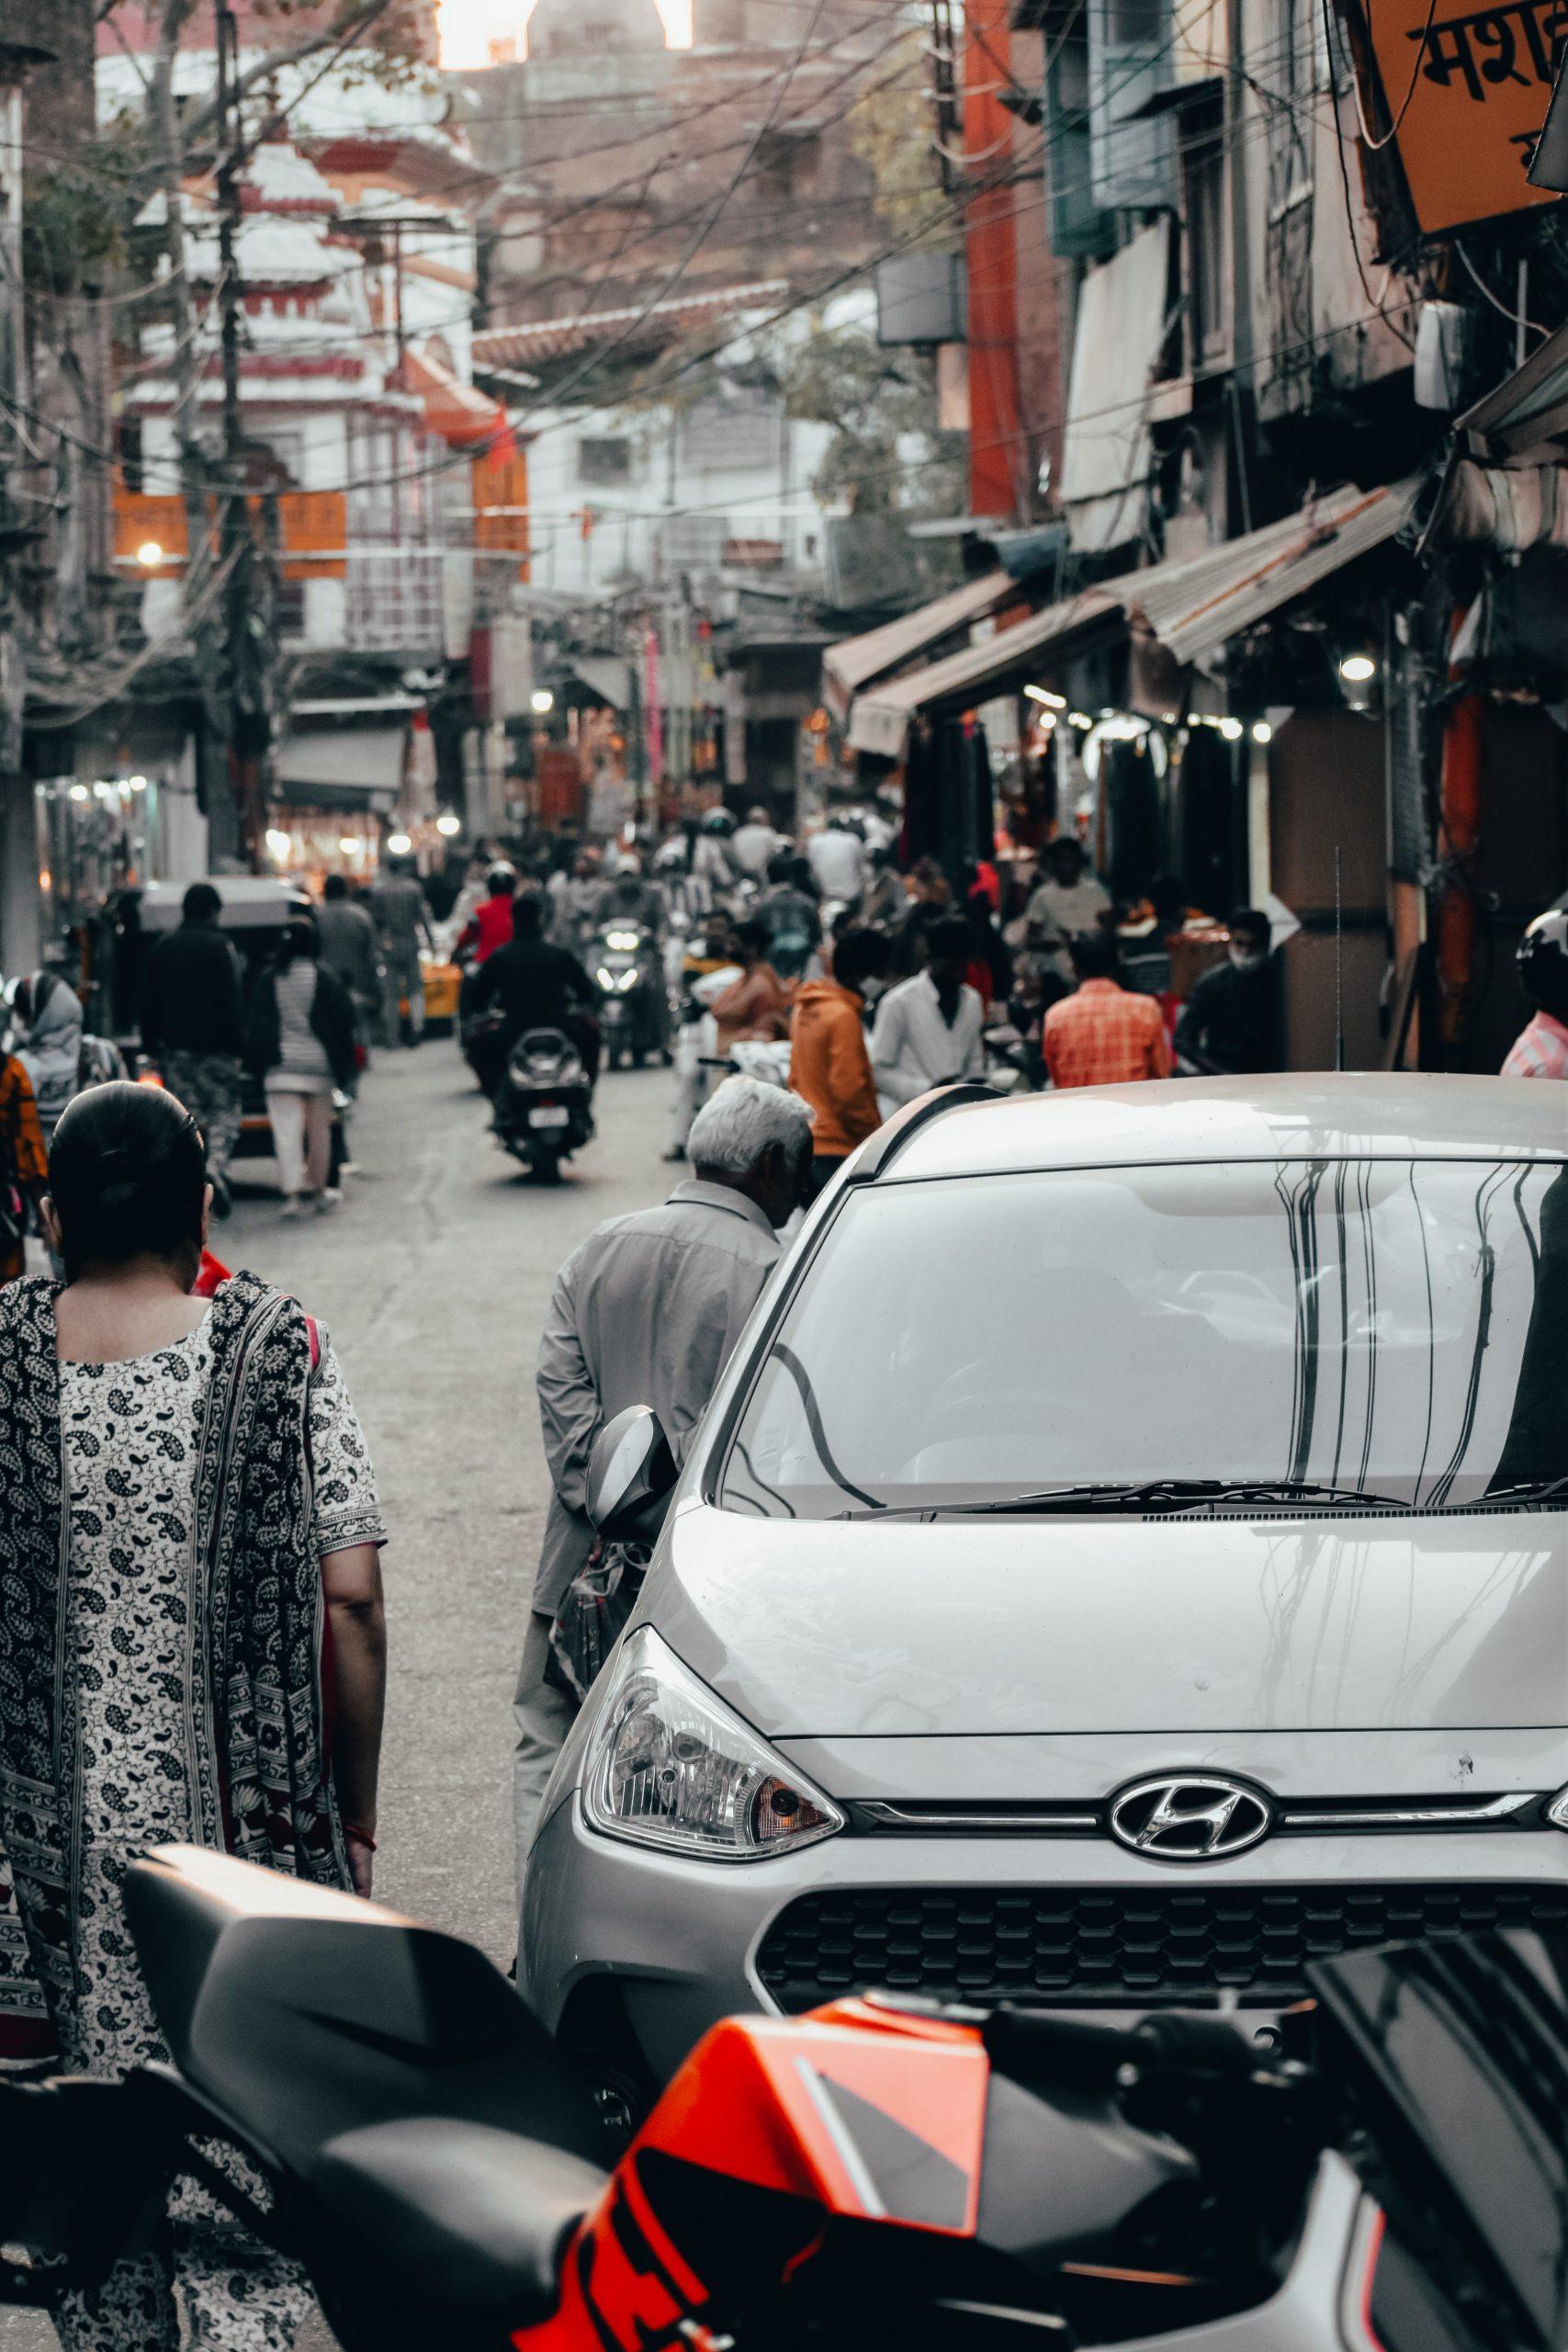 Traffic in a street market